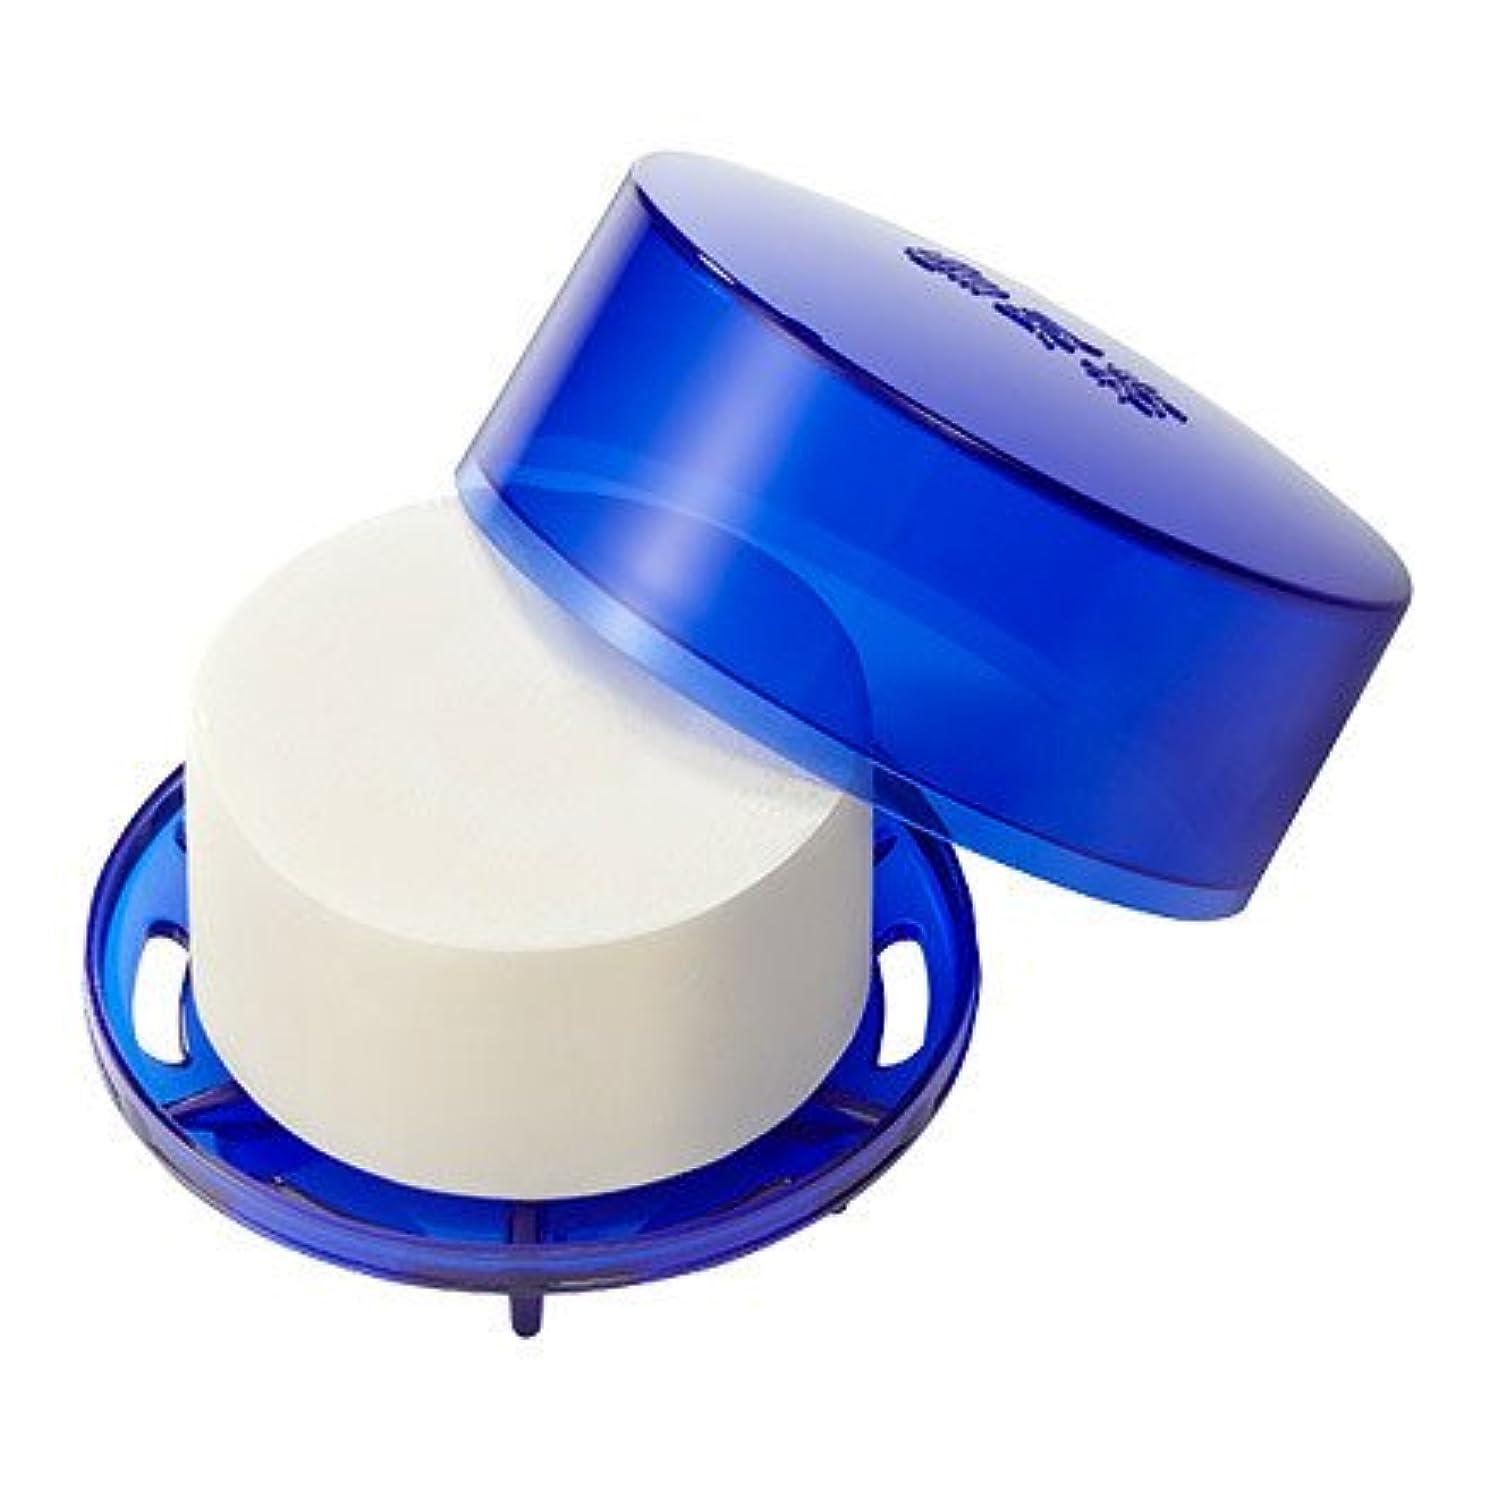 本質的に単調なソブリケットコーセー 雪肌精 化粧水仕立て石けん 100g [並行輸入品]